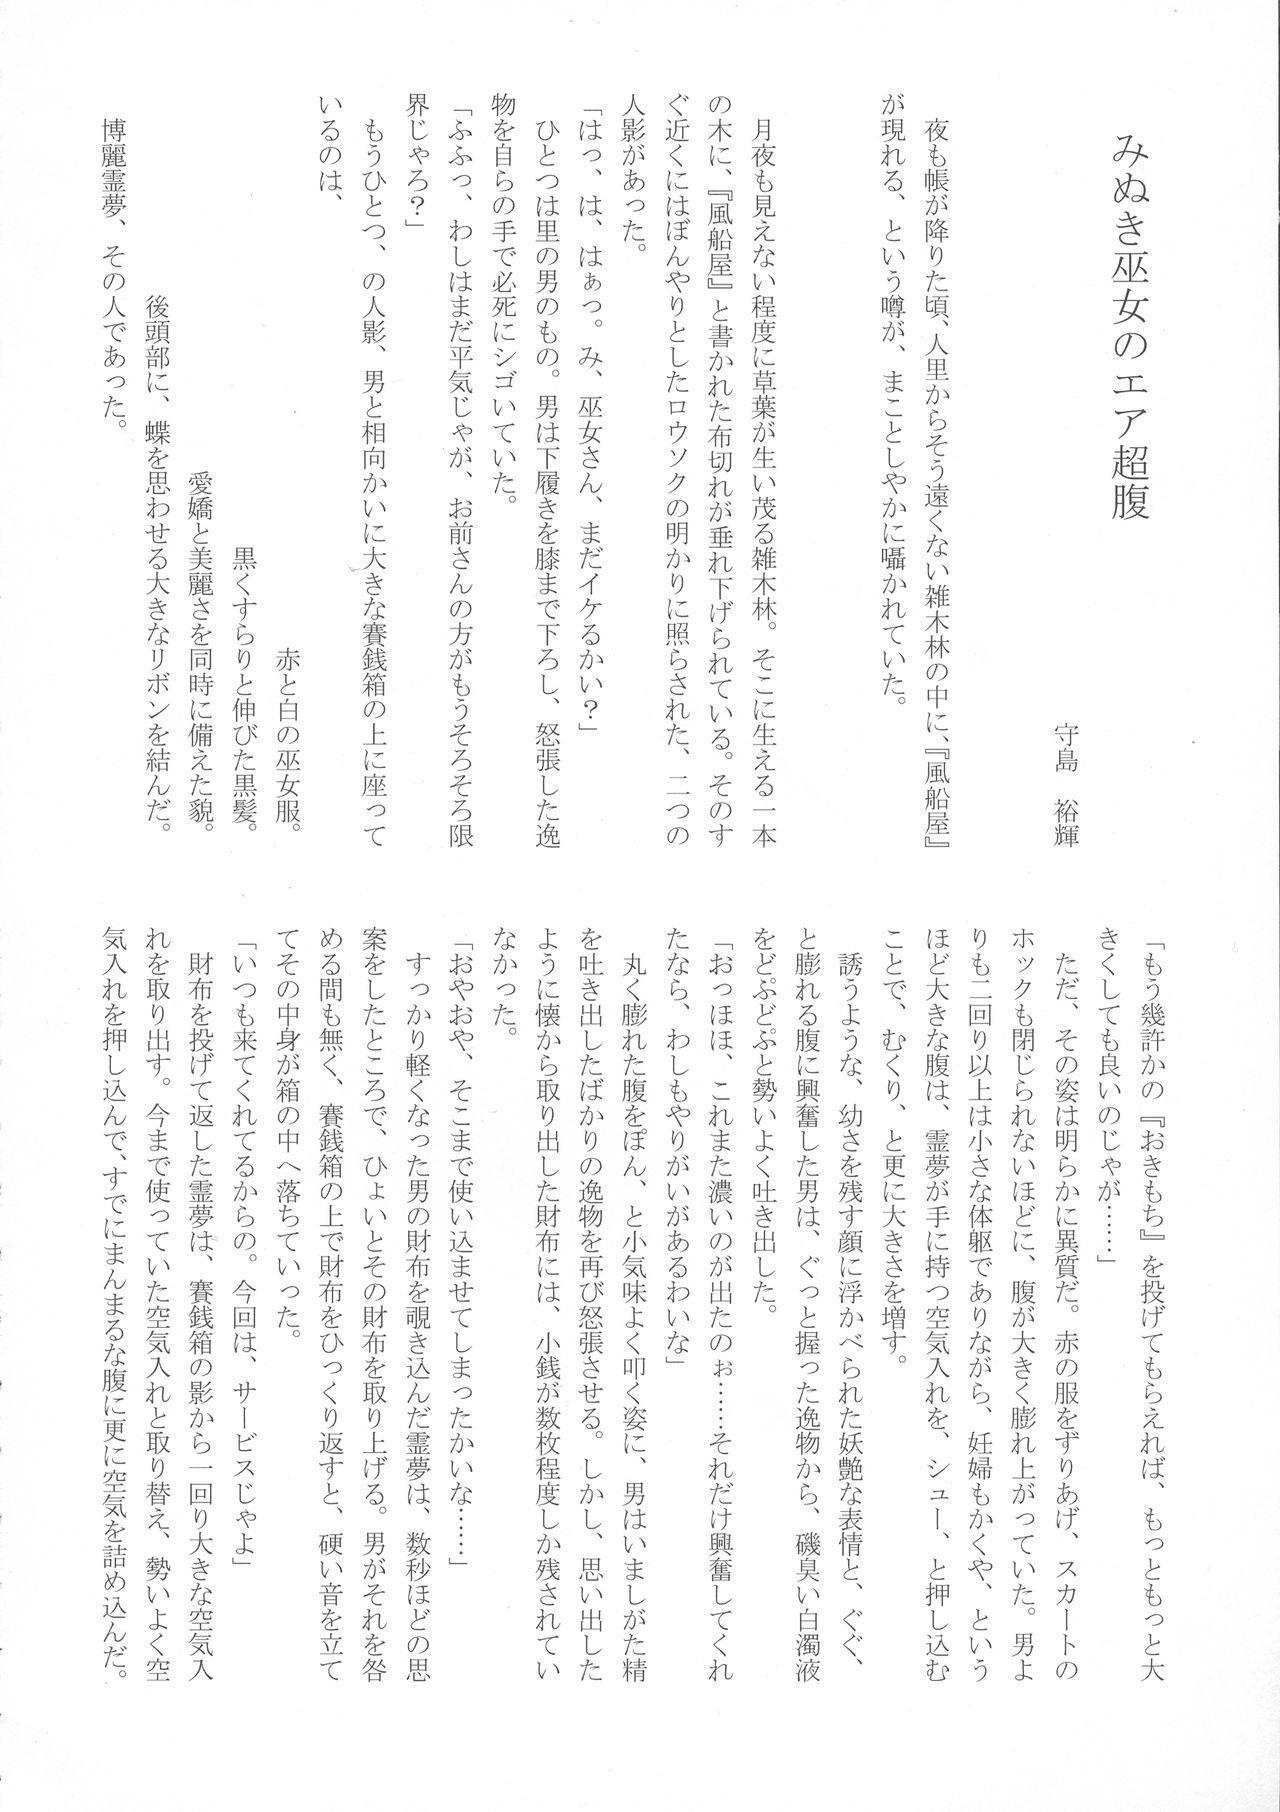 (Reitaisai 15) [HORIC WORKS (Various)] Touhou Bouchou-kei Sougou Goudou-shi `Boujo 2!!!!!!!!' (Touhou Project) 84